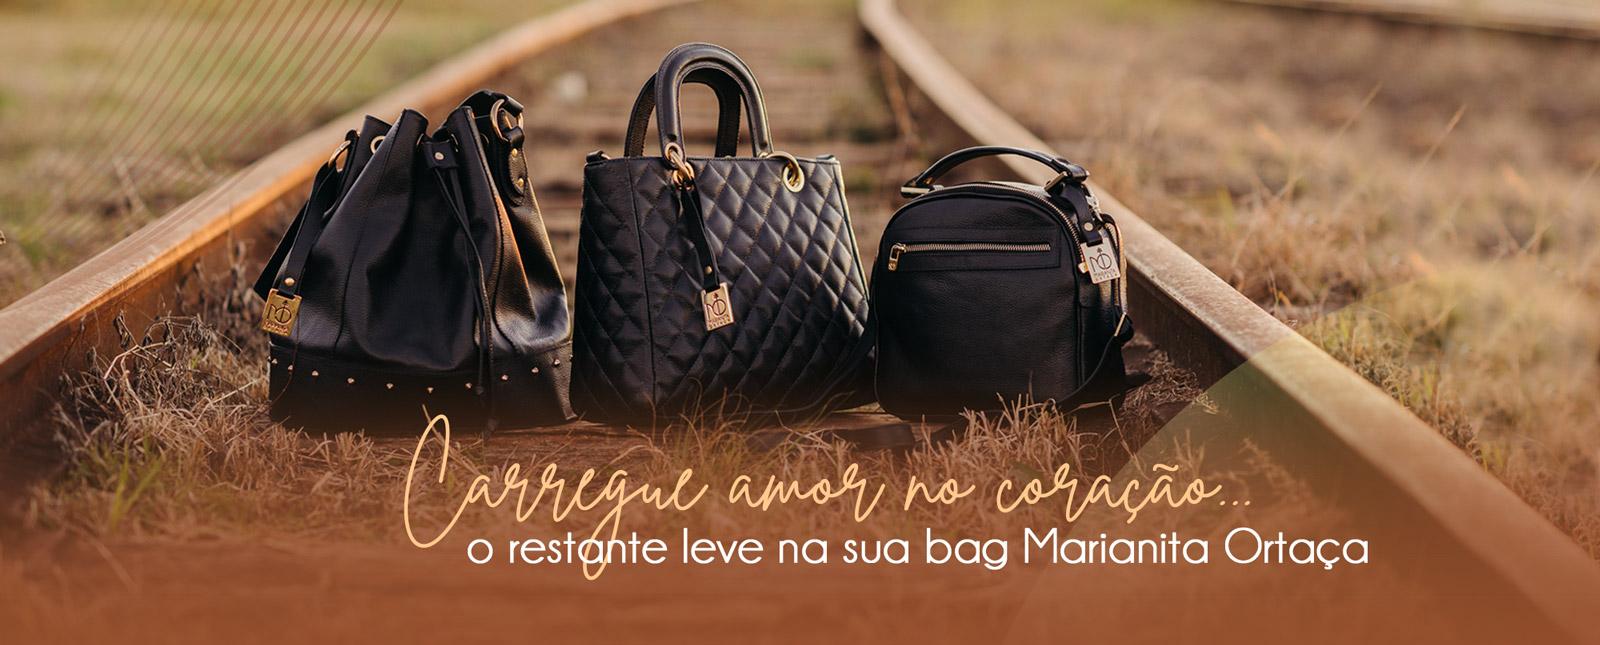 marianita-ortaca-marca-colecao-bolsas-bags